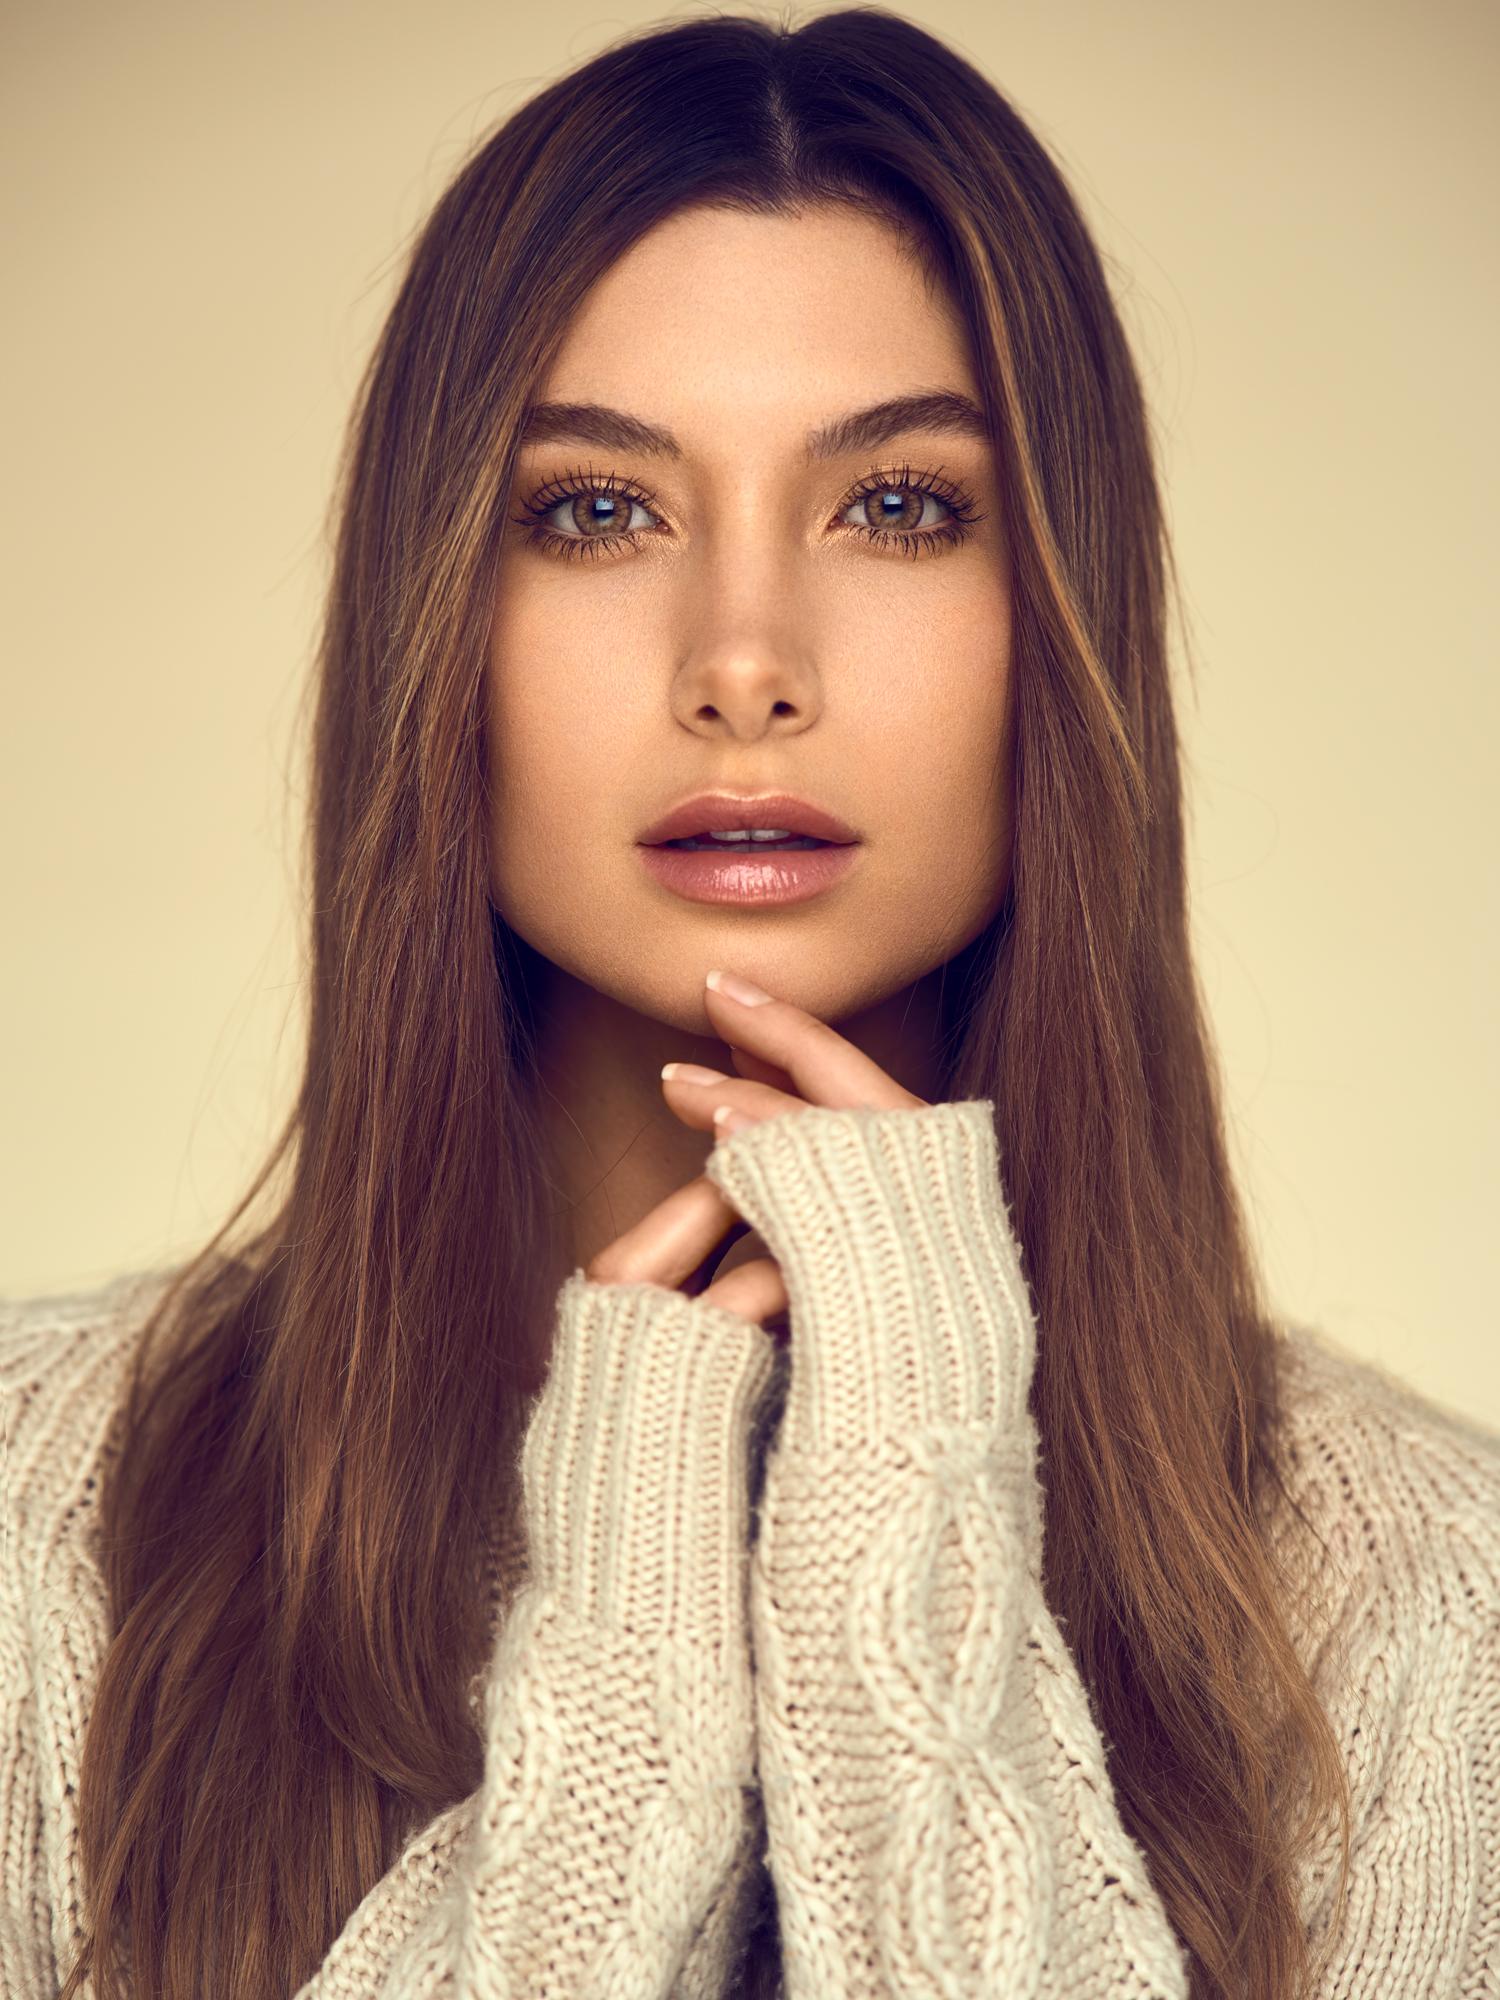 Alexandria Eissinger fotograf christian grüner portræt sweater uld brune øjne